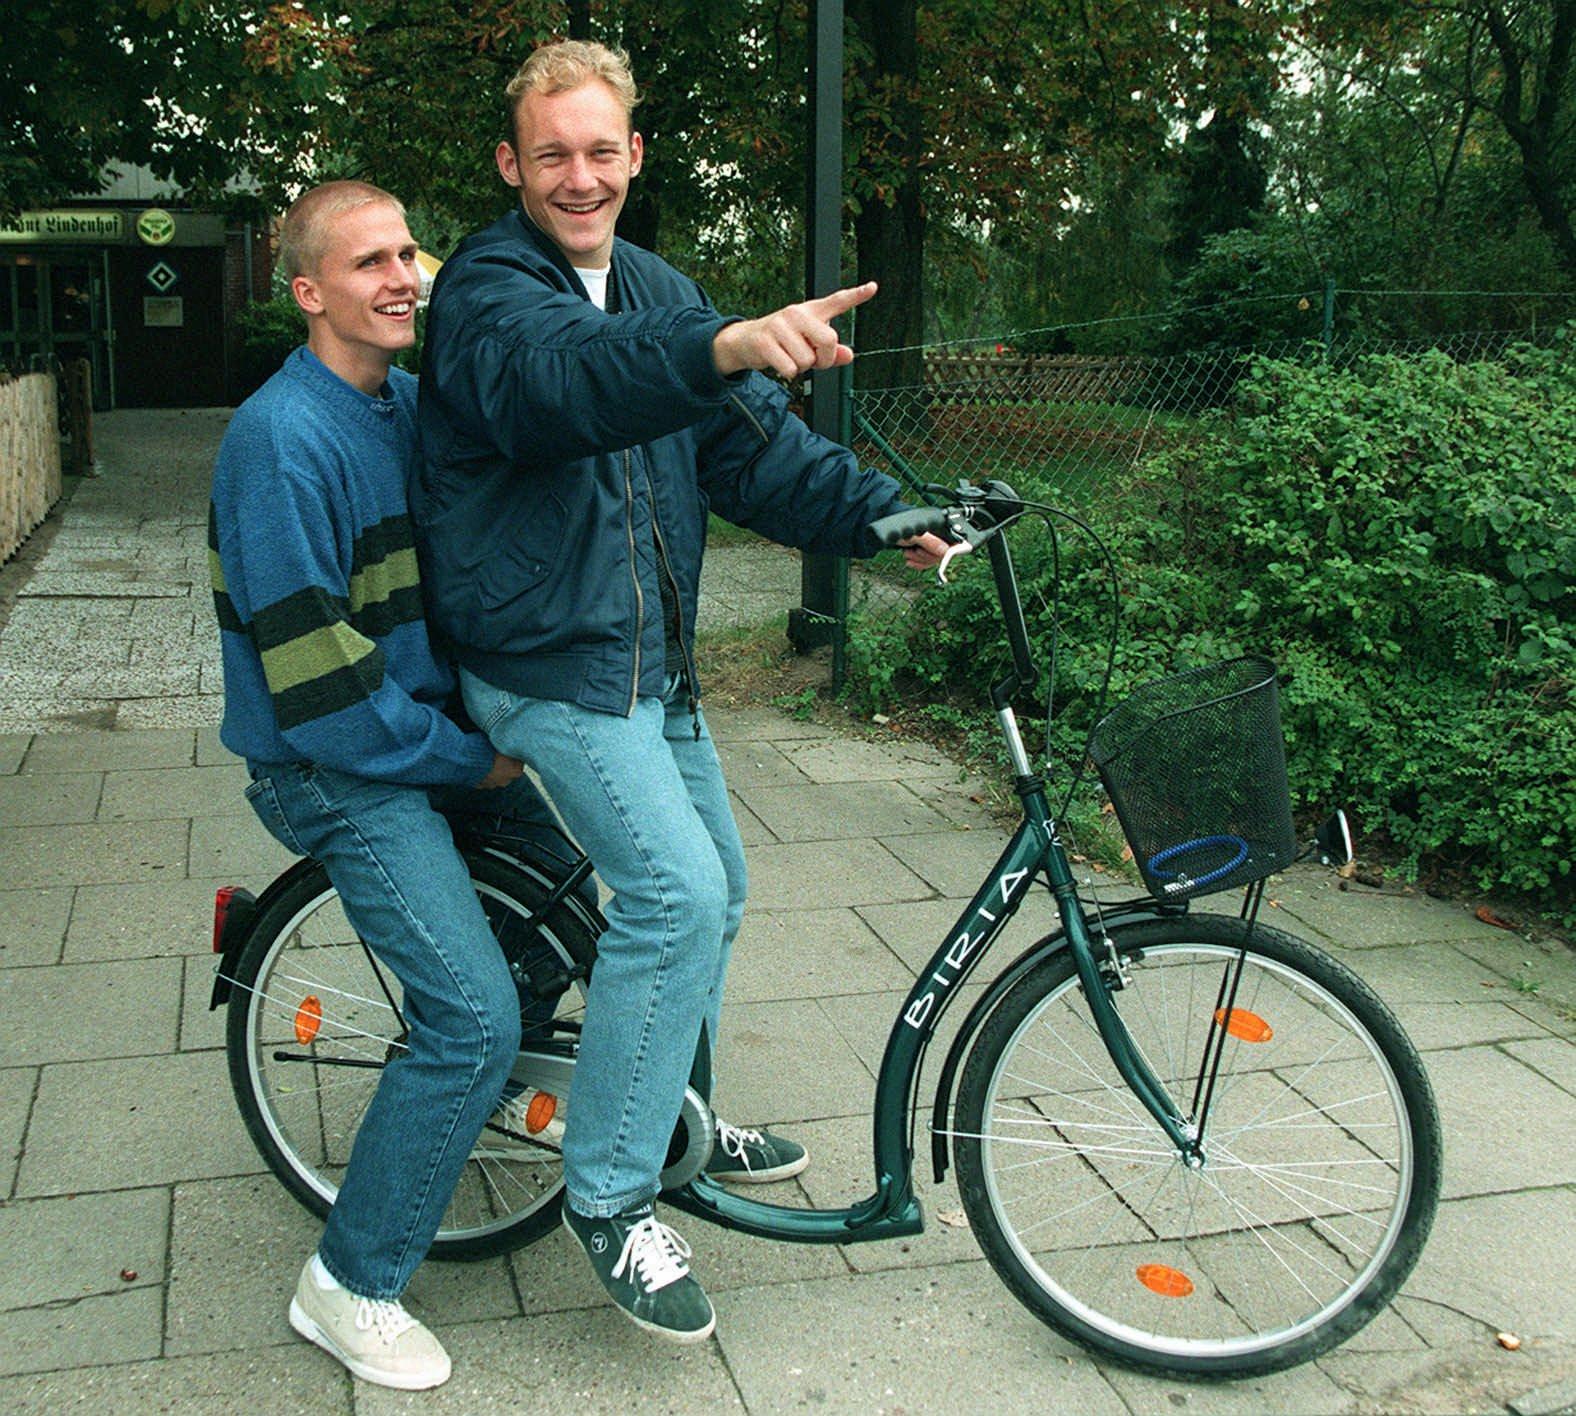 Fodboldspillerne Alan K. Jepsen (tv) og Thomas Gravesen, HSV Hamburg. - -NORDFOTO- - 1997